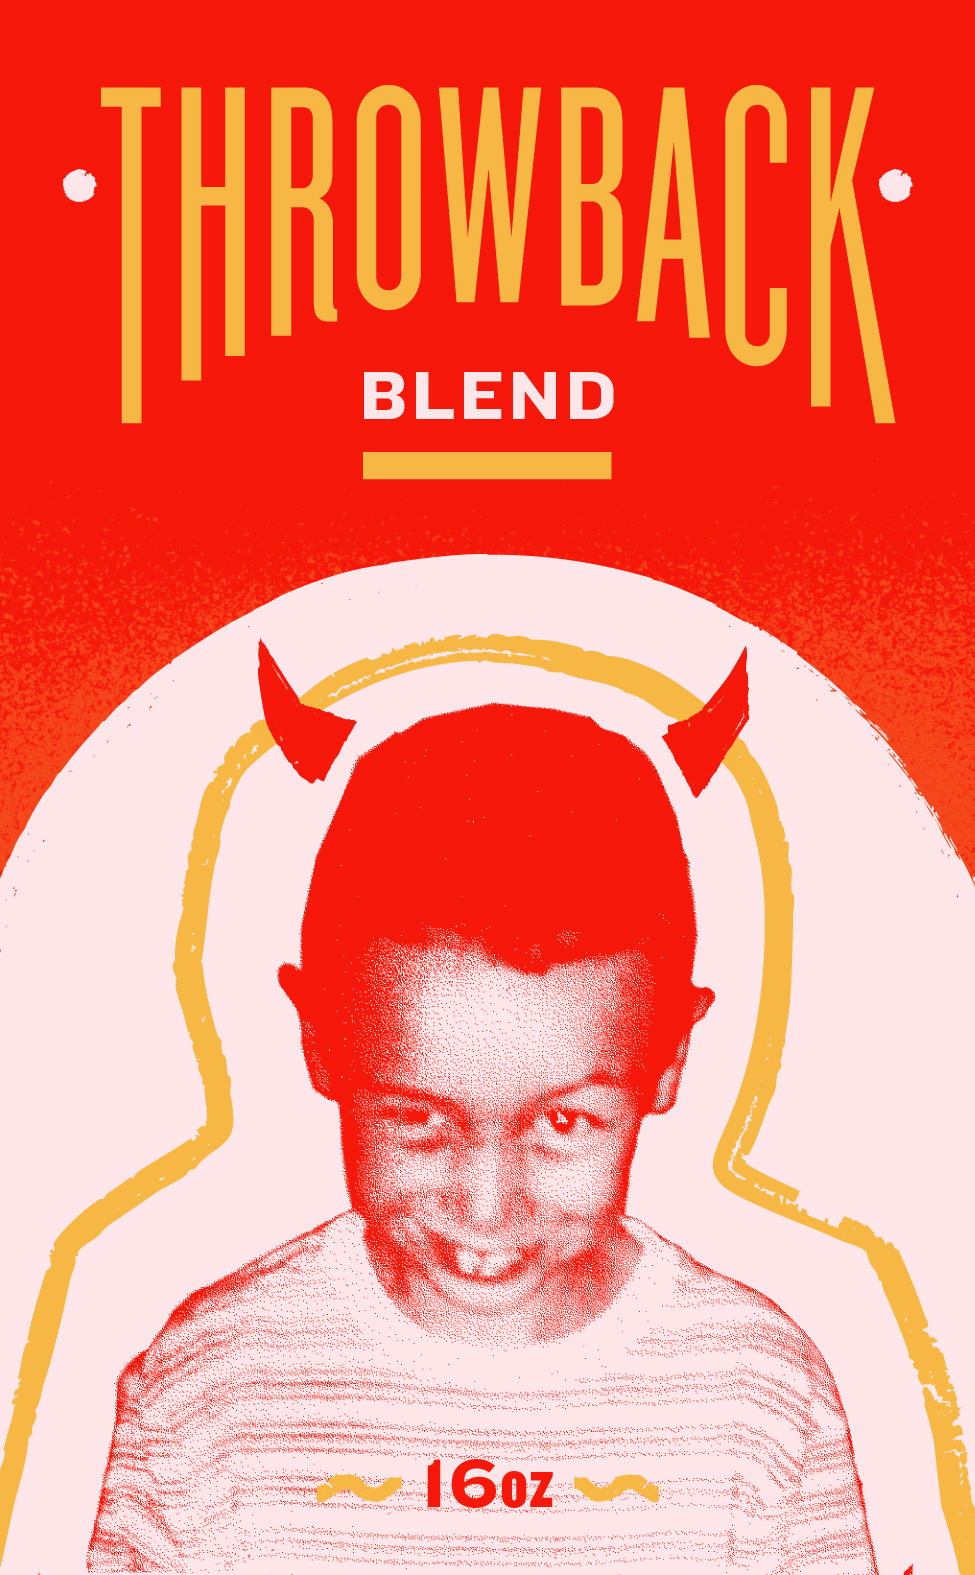 Throwback Blend.jpg